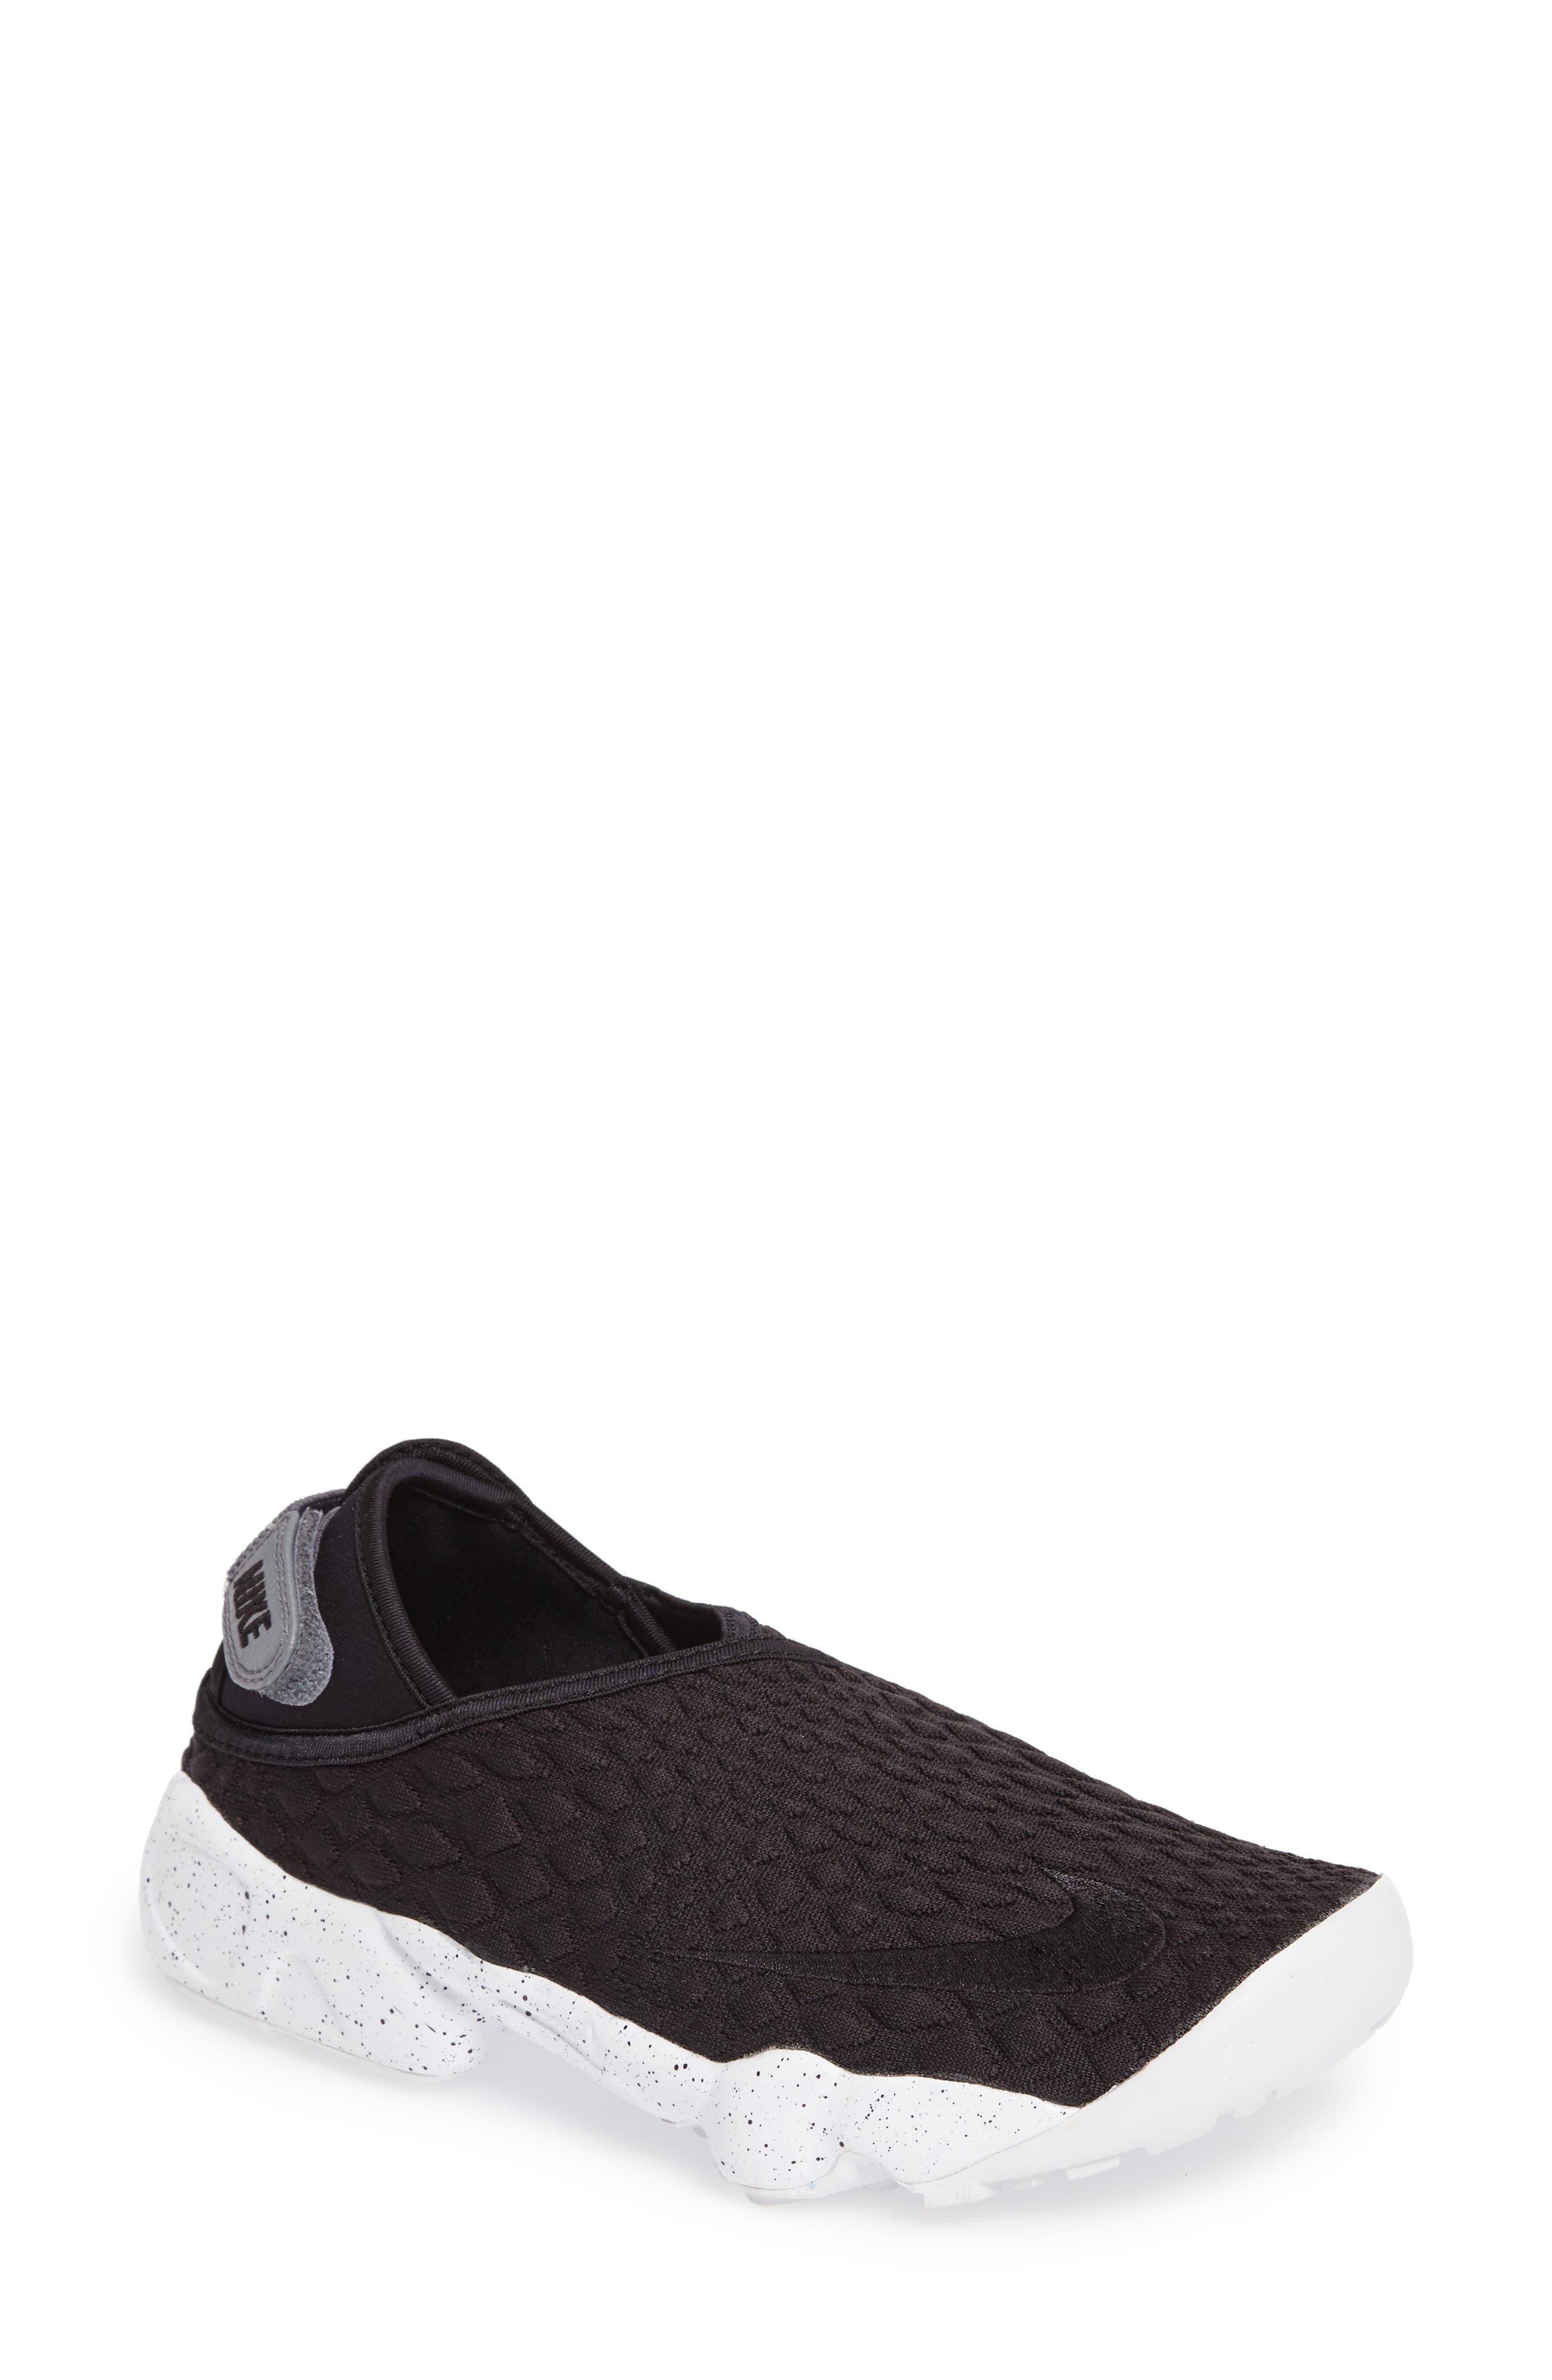 Rift Wrap Slip-On Sneaker, Main, color, 001